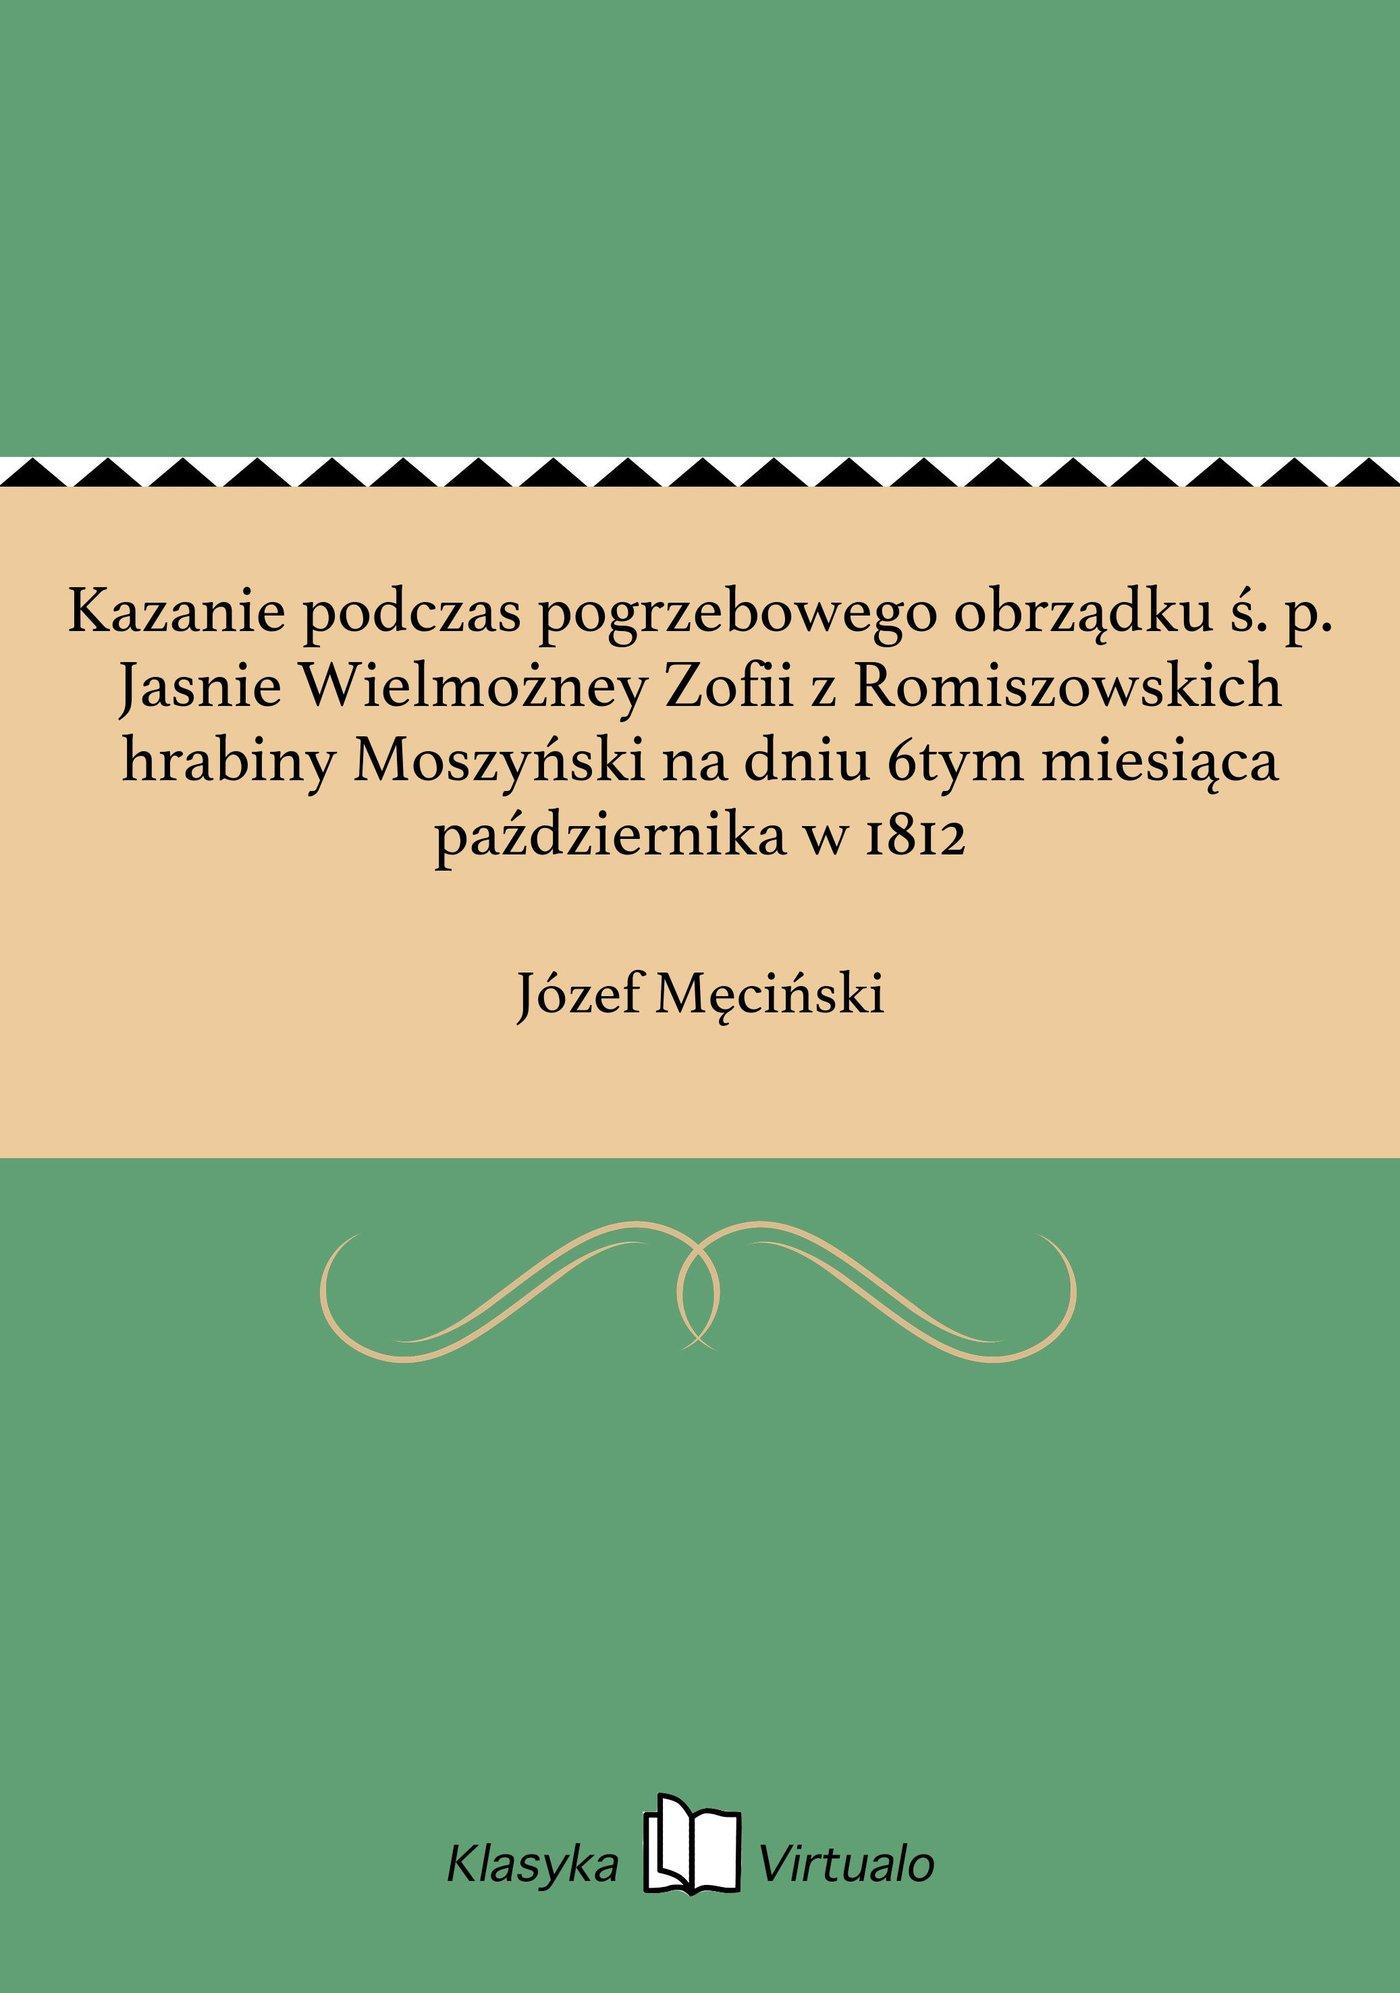 Kazanie podczas pogrzebowego obrządku ś. p. Jasnie Wielmożney Zofii z Romiszowskich hrabiny Moszyński na dniu 6tym miesiąca października w 1812 - Ebook (Książka EPUB) do pobrania w formacie EPUB